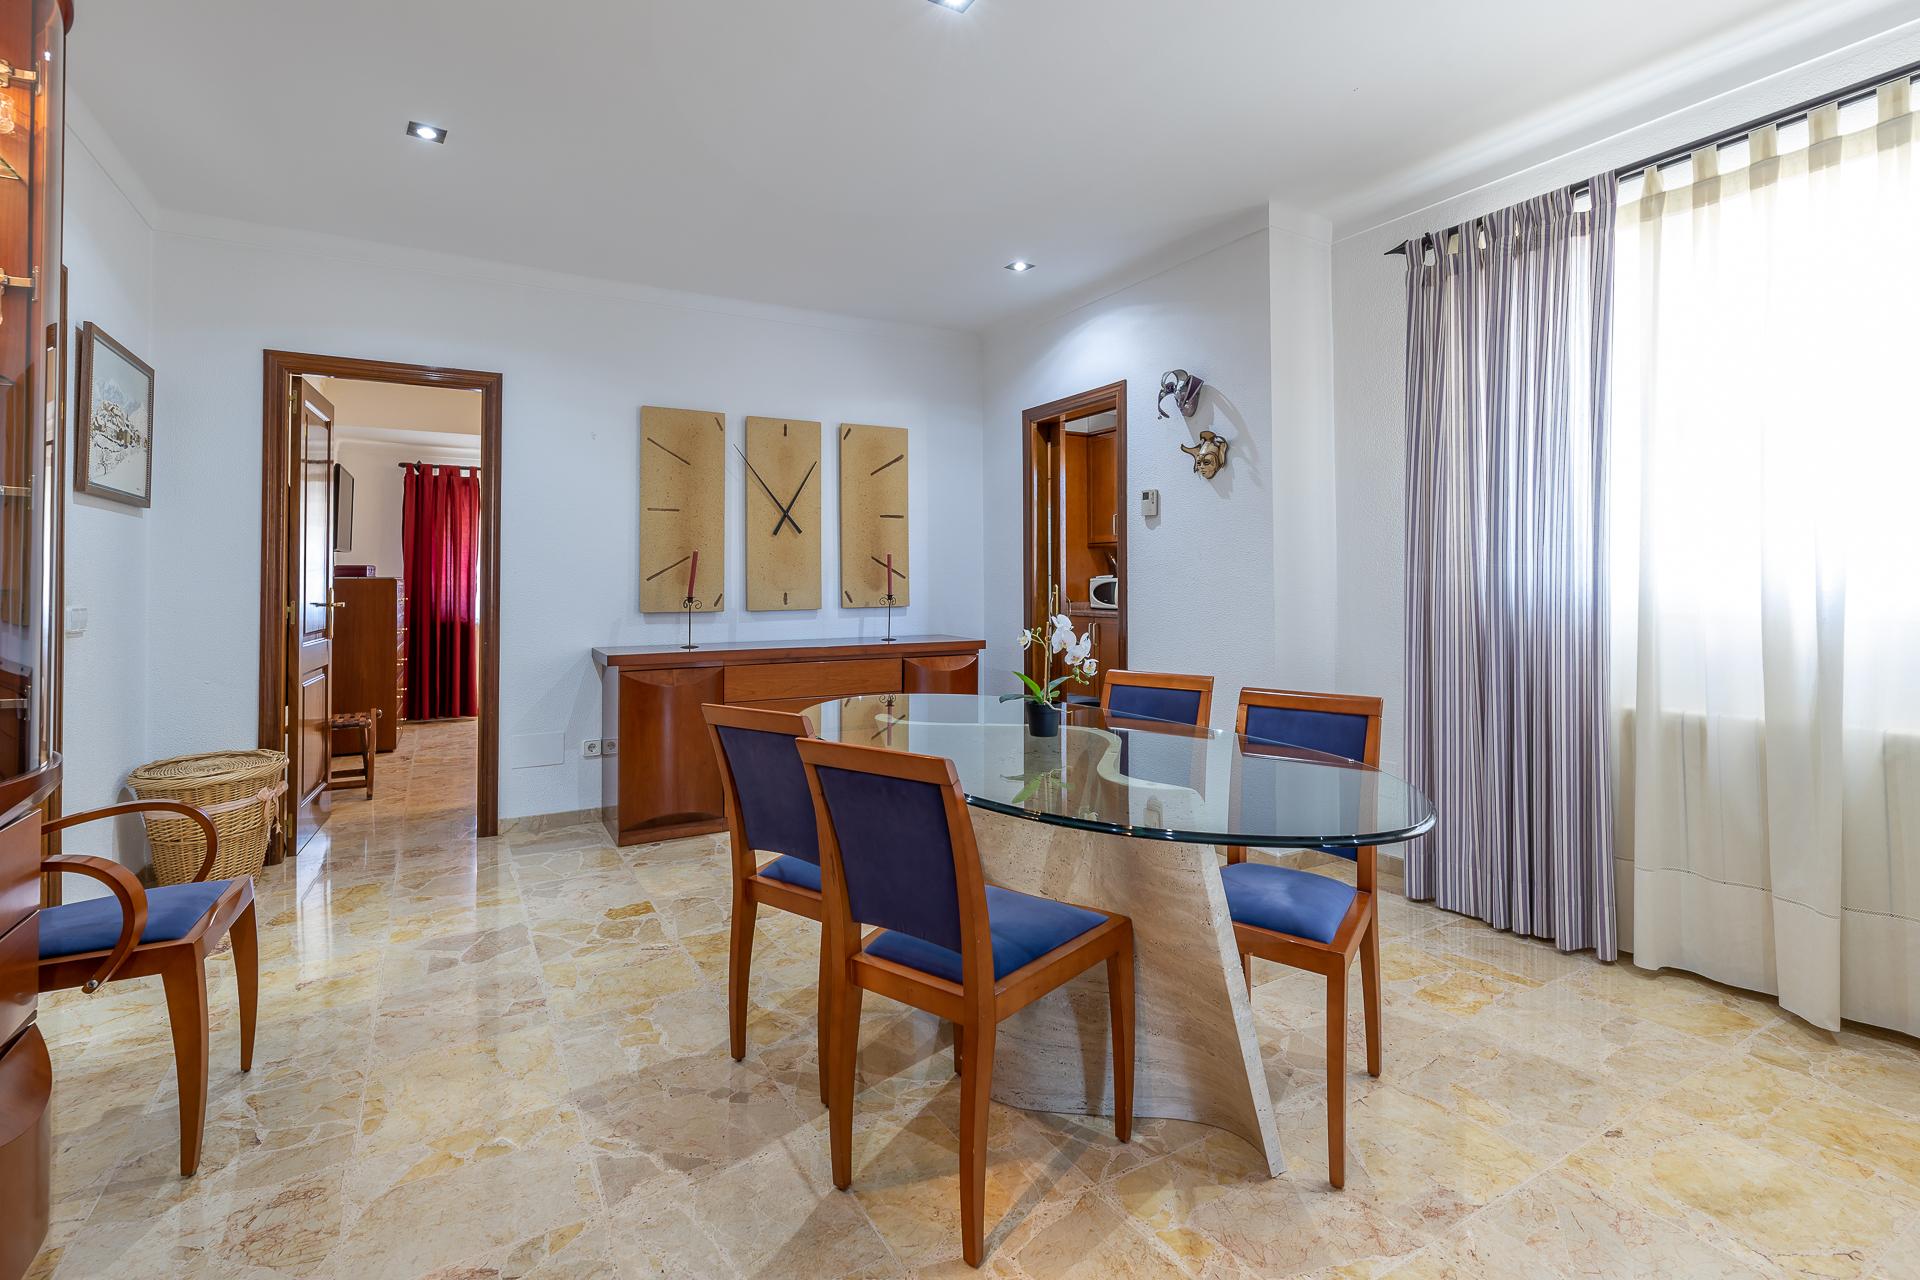 LLucmajor Piso 3 dormitorios+buhardilla y terrazas! Precio 195.000€